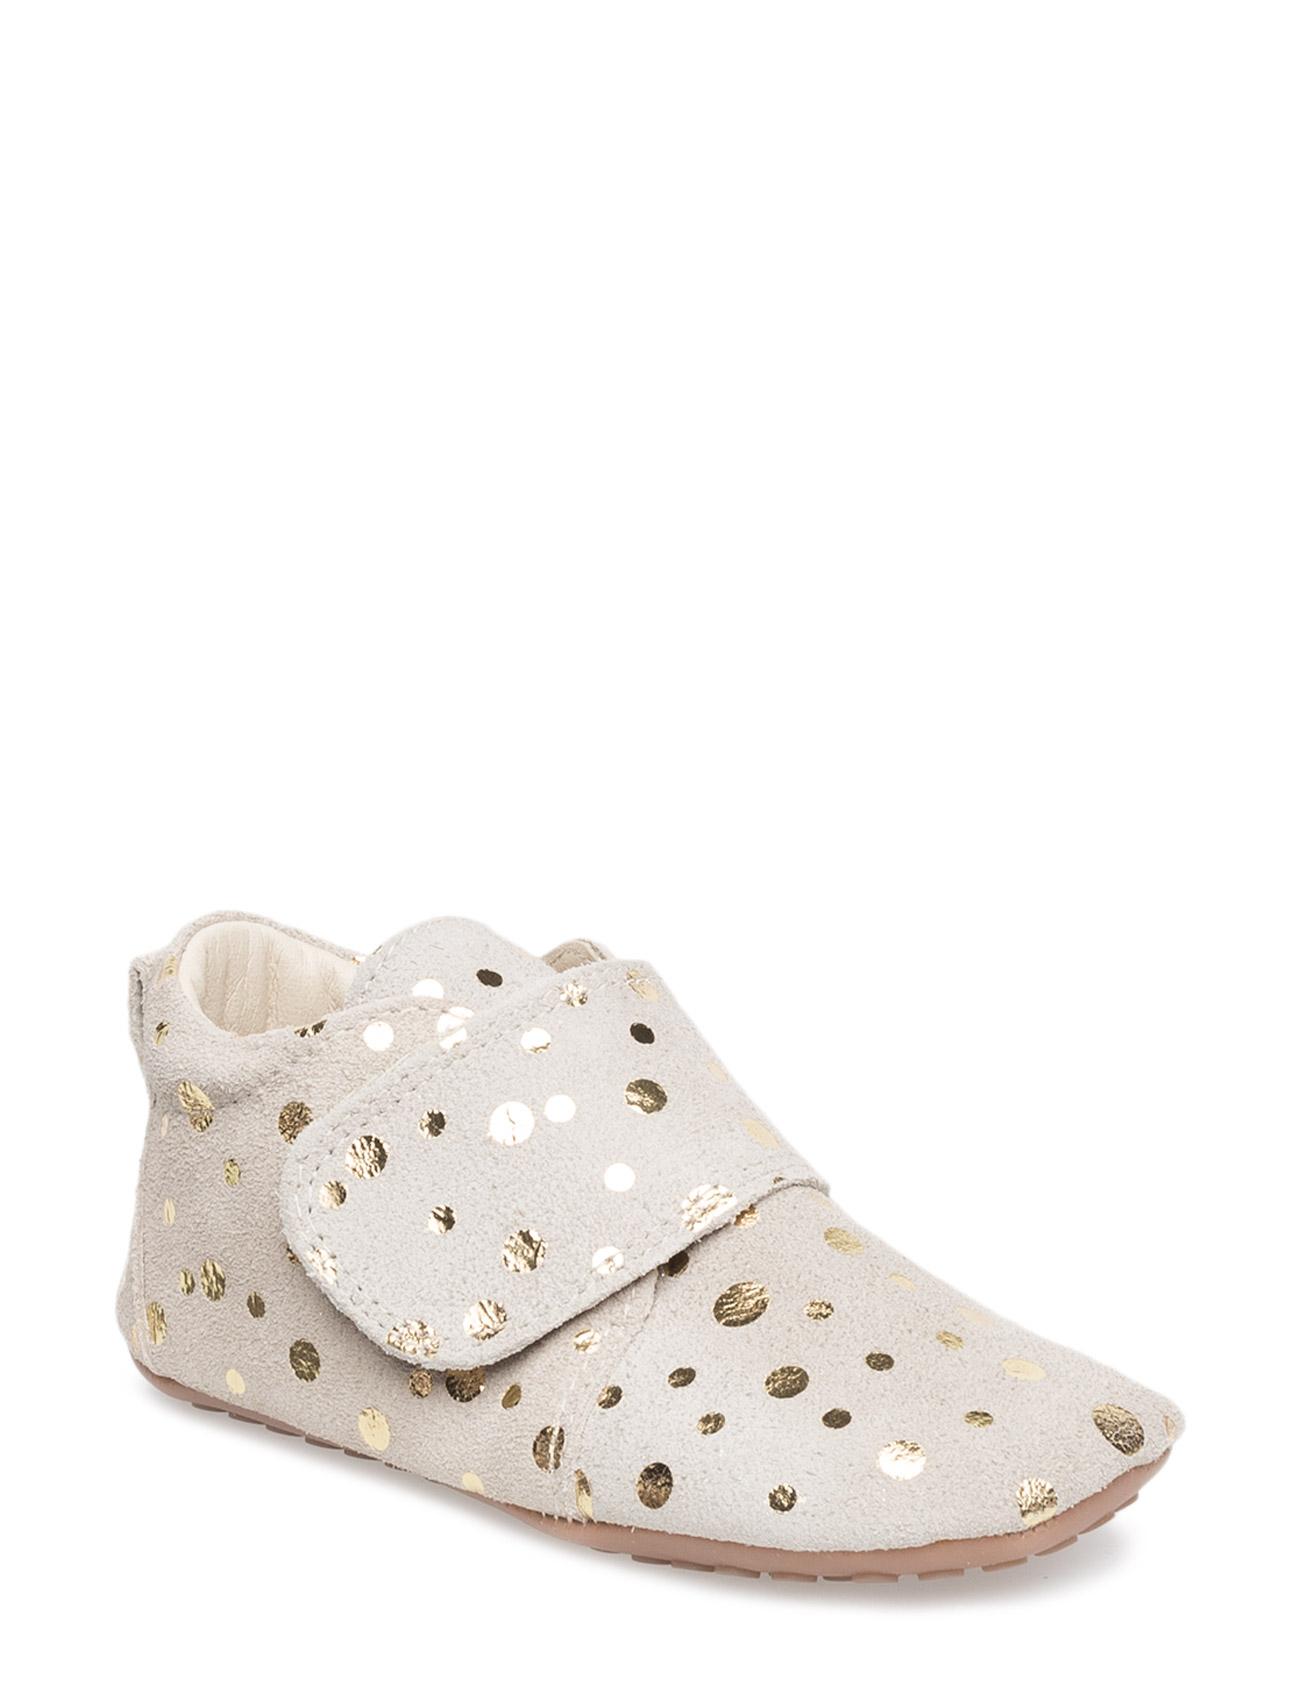 Indoor Shoe Pom pom Hjemmesko til Børn i Rose